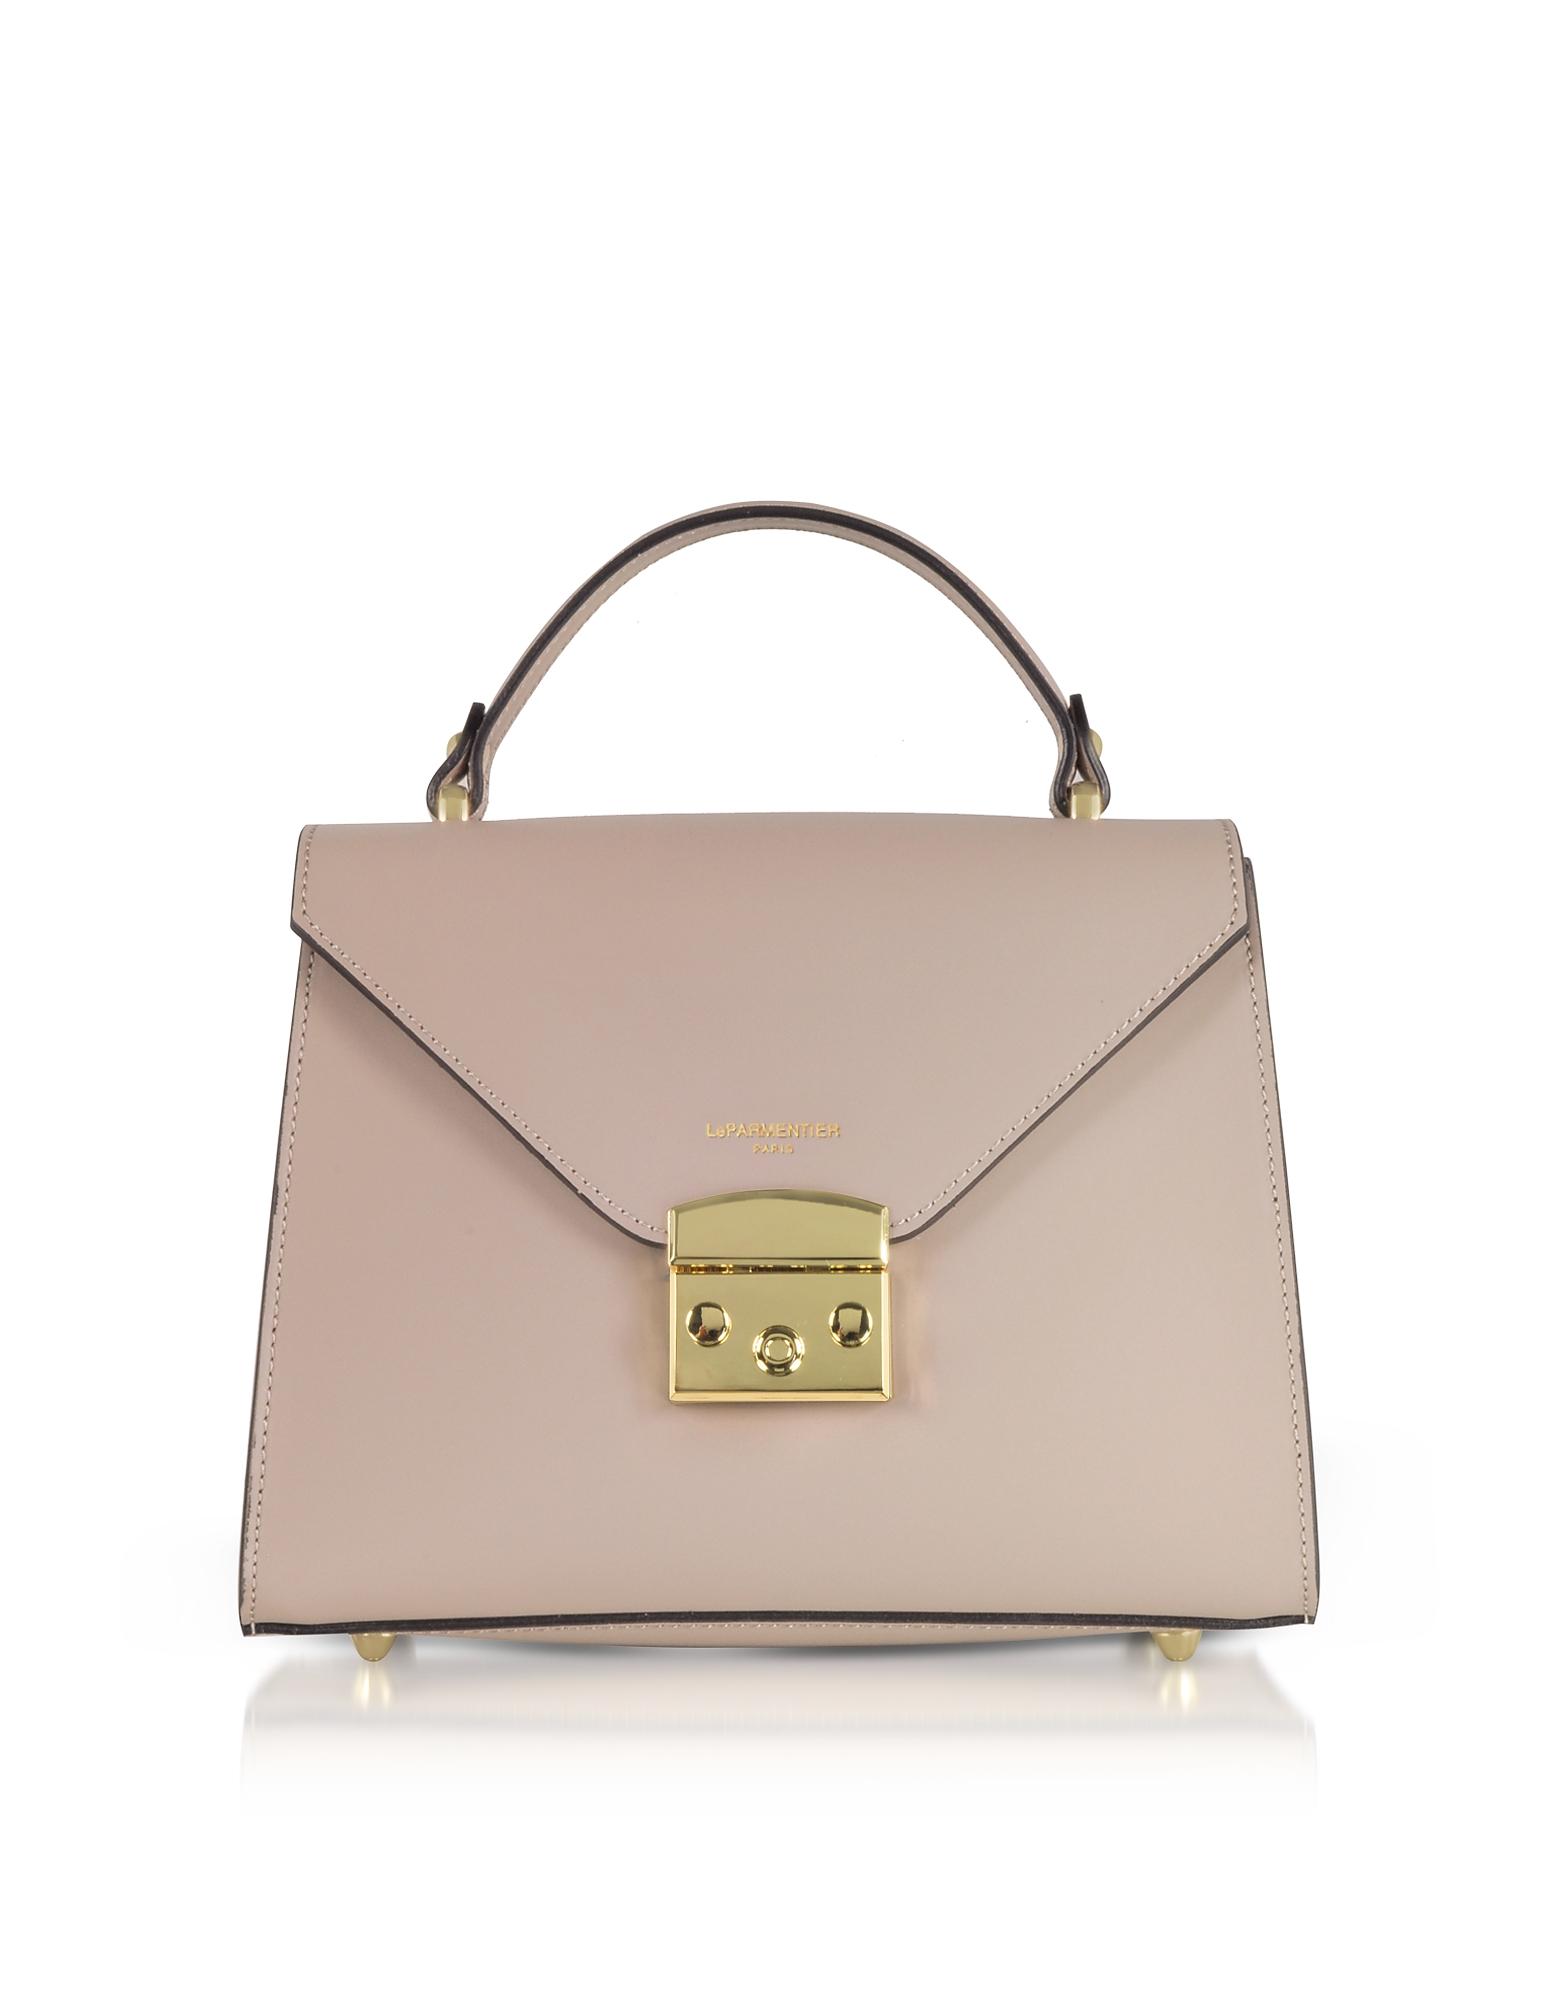 Le Parmentier Handbags, Peggy Leather Top Handle Satchel Bag